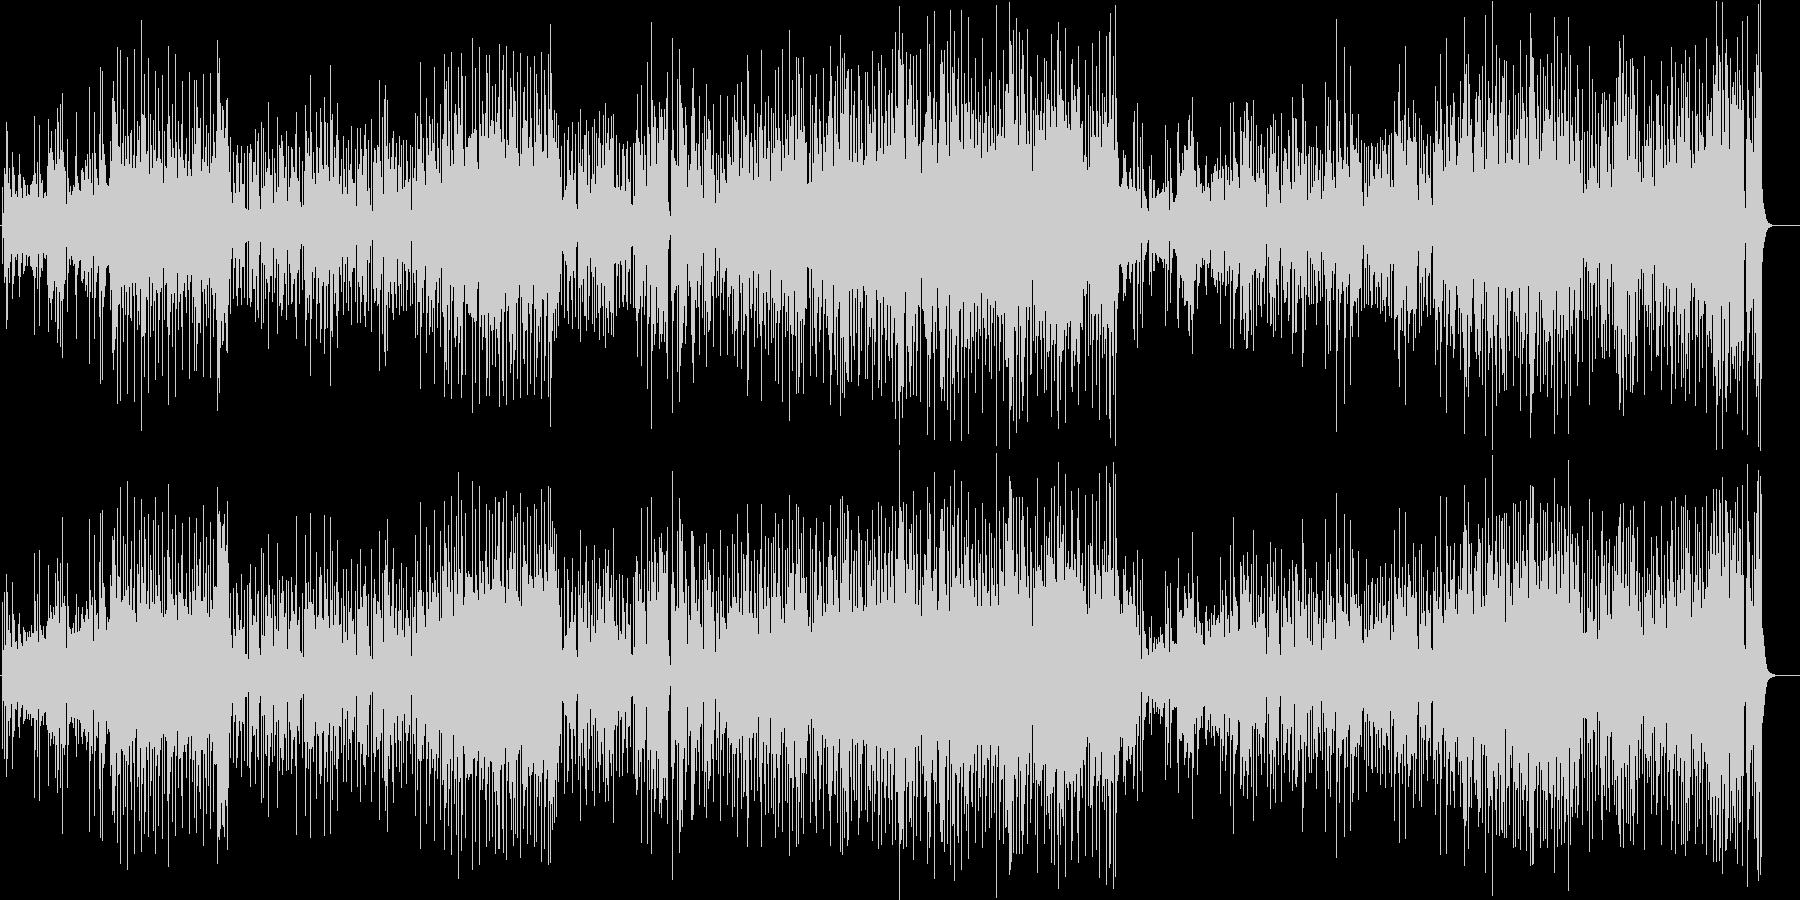 艶のある澄んだ旋律のピアノ・フュージョンの未再生の波形